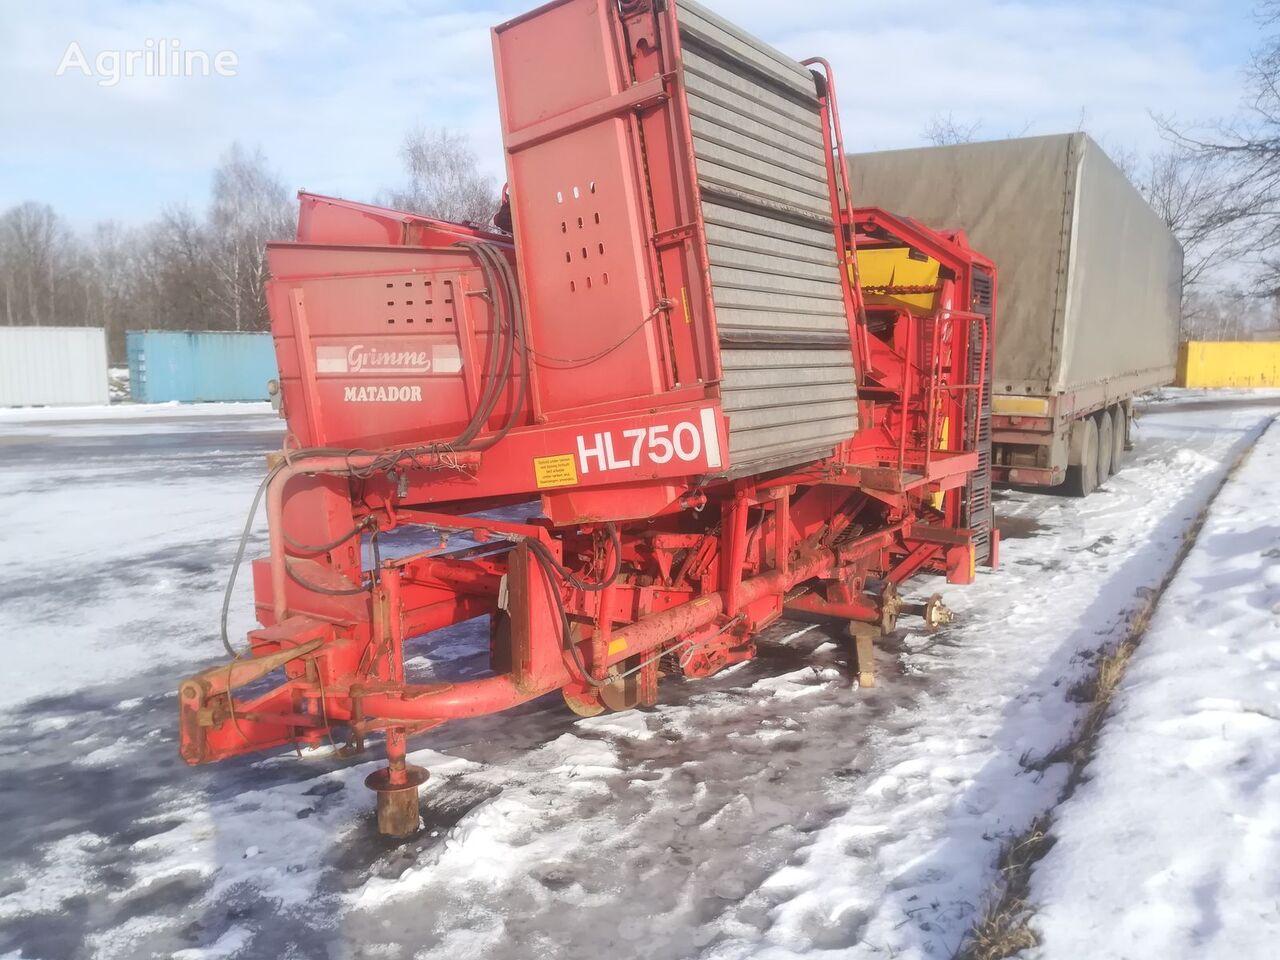 GRIMME HL 750 potato harvester